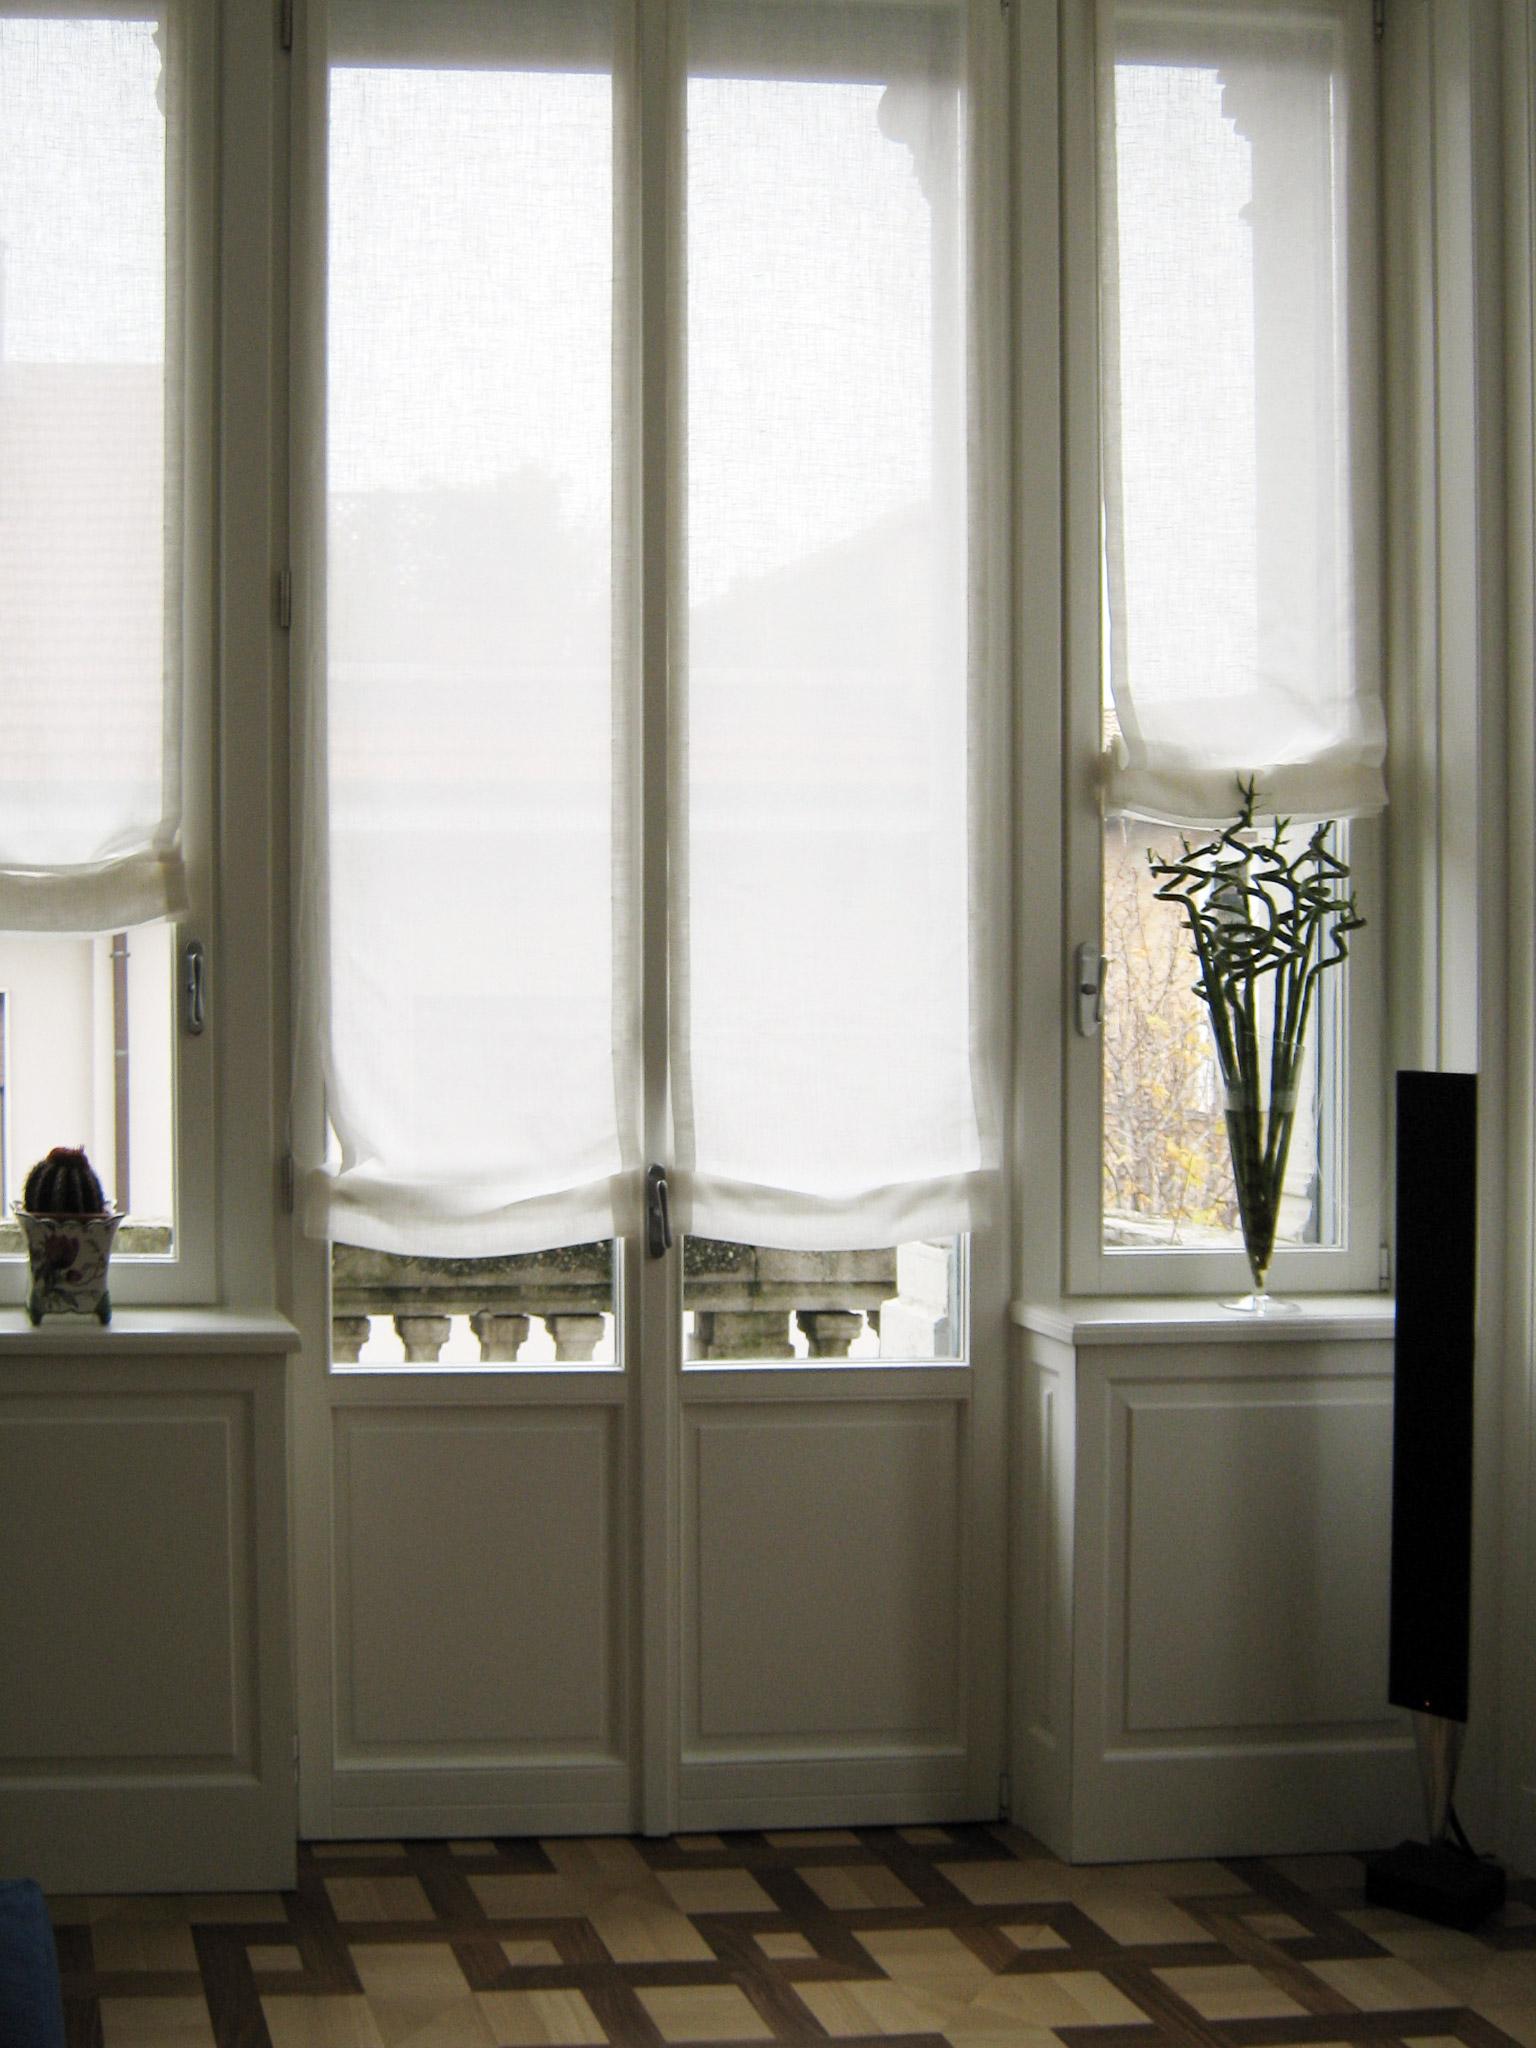 2. Restauro serramenti in legno e vetro con integrata boiserie: lavori ultimati.